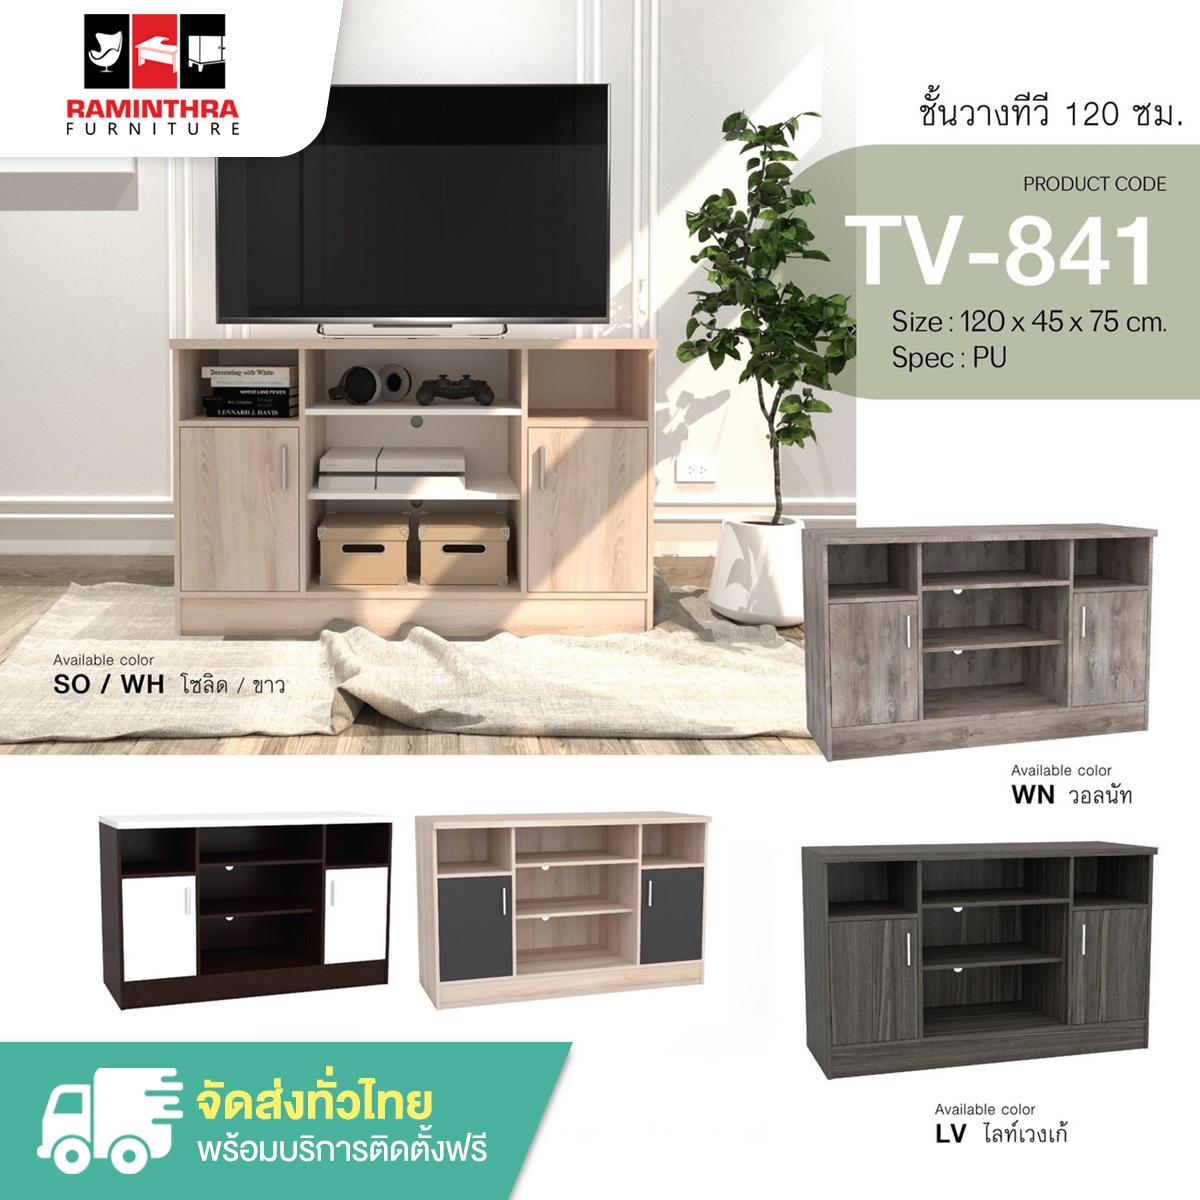 โต๊ะสำนักงาน  Melamine ทั้งตัว ราคา 7900 บาท